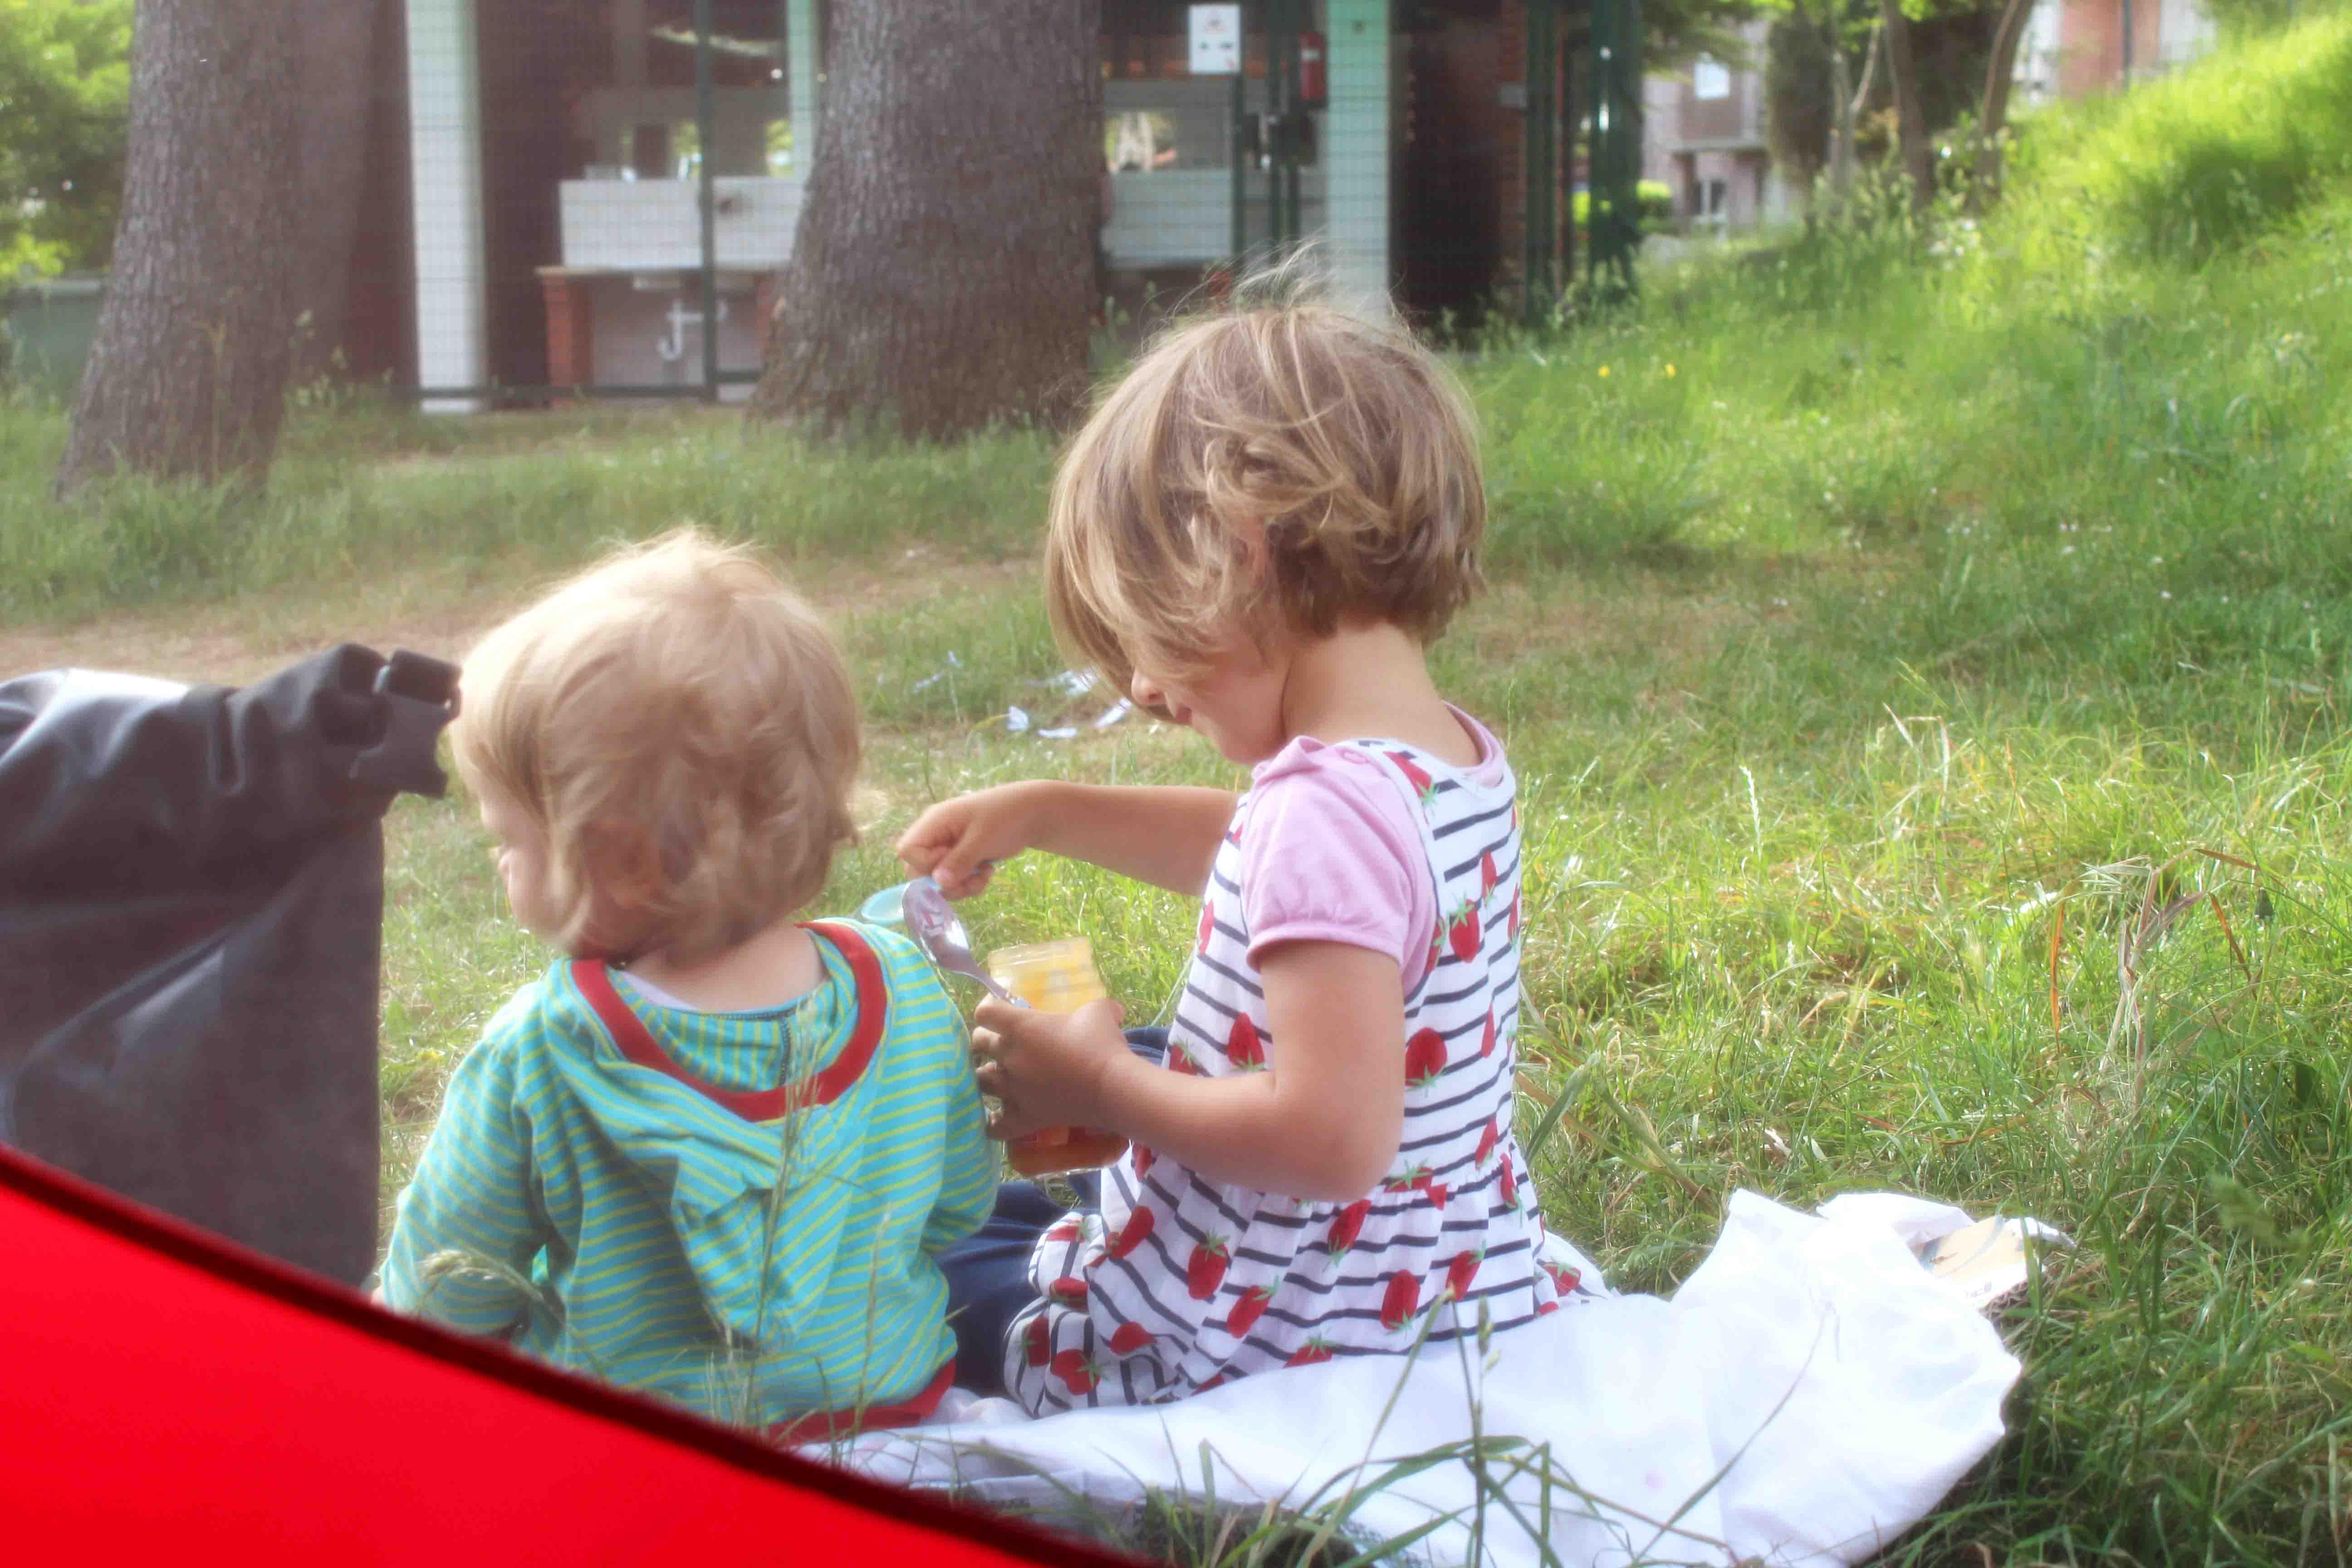 Radreise mit Kindern - Hier erfährst Du alles über Ausrüstung & Tricks für das Radreisen mit Kindern, Zelt & Anhänger. Unsere Stories über 8 Monate Europa